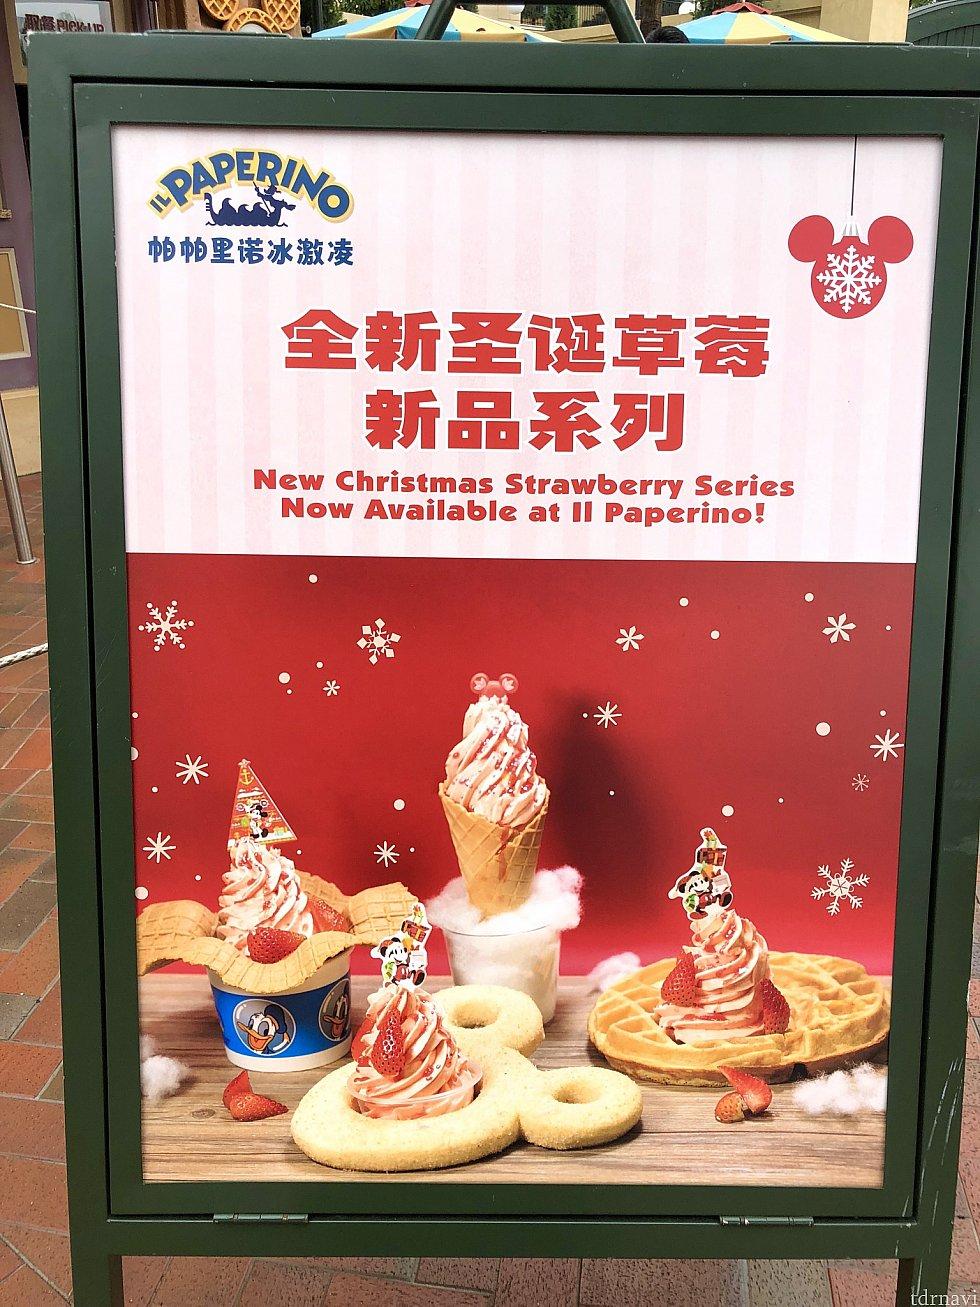 クリスマスの新メニューは苺づくし!